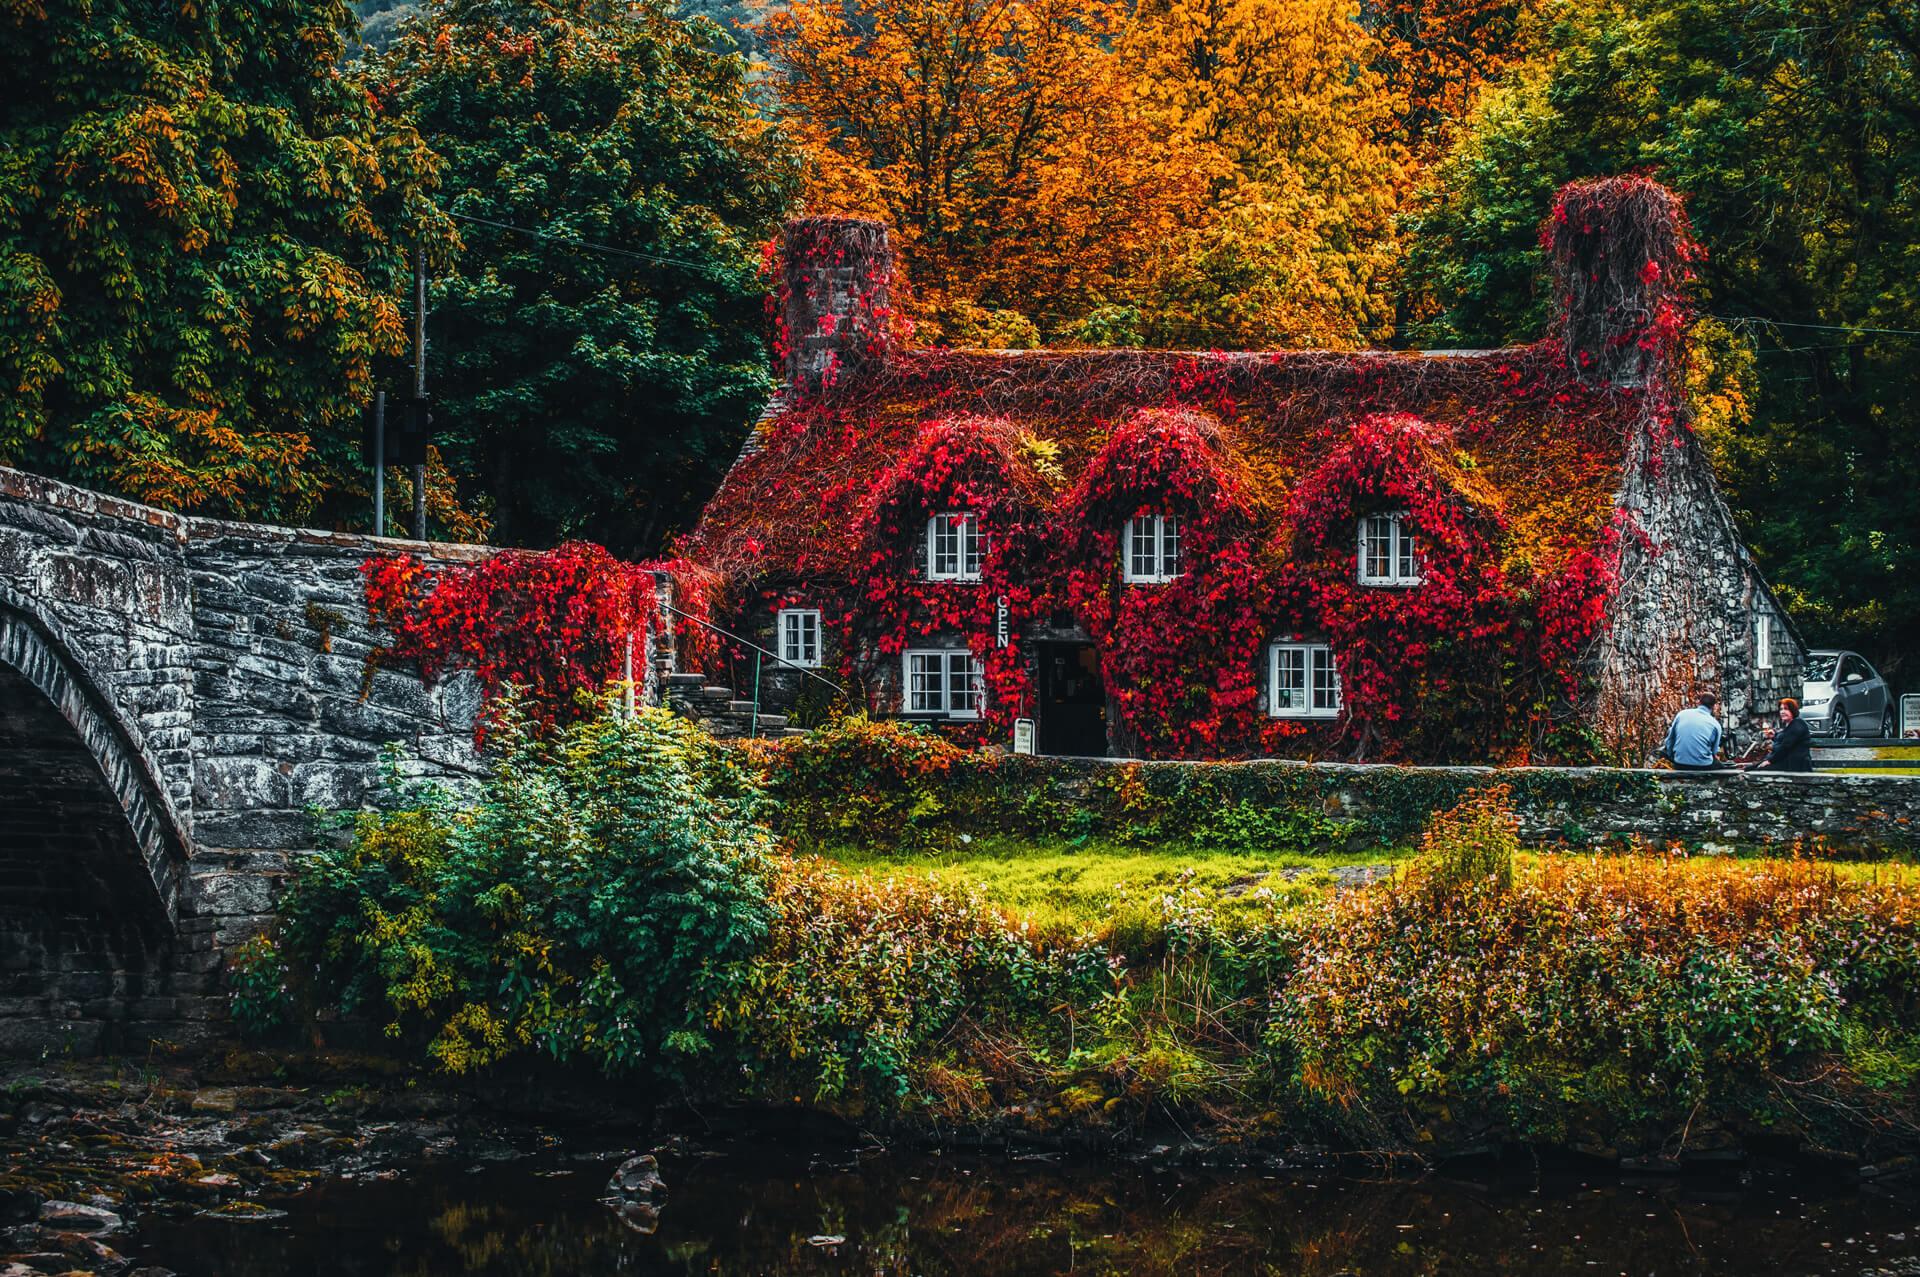 Ngôi nhà được che kín với những bông hoa màu đỏ